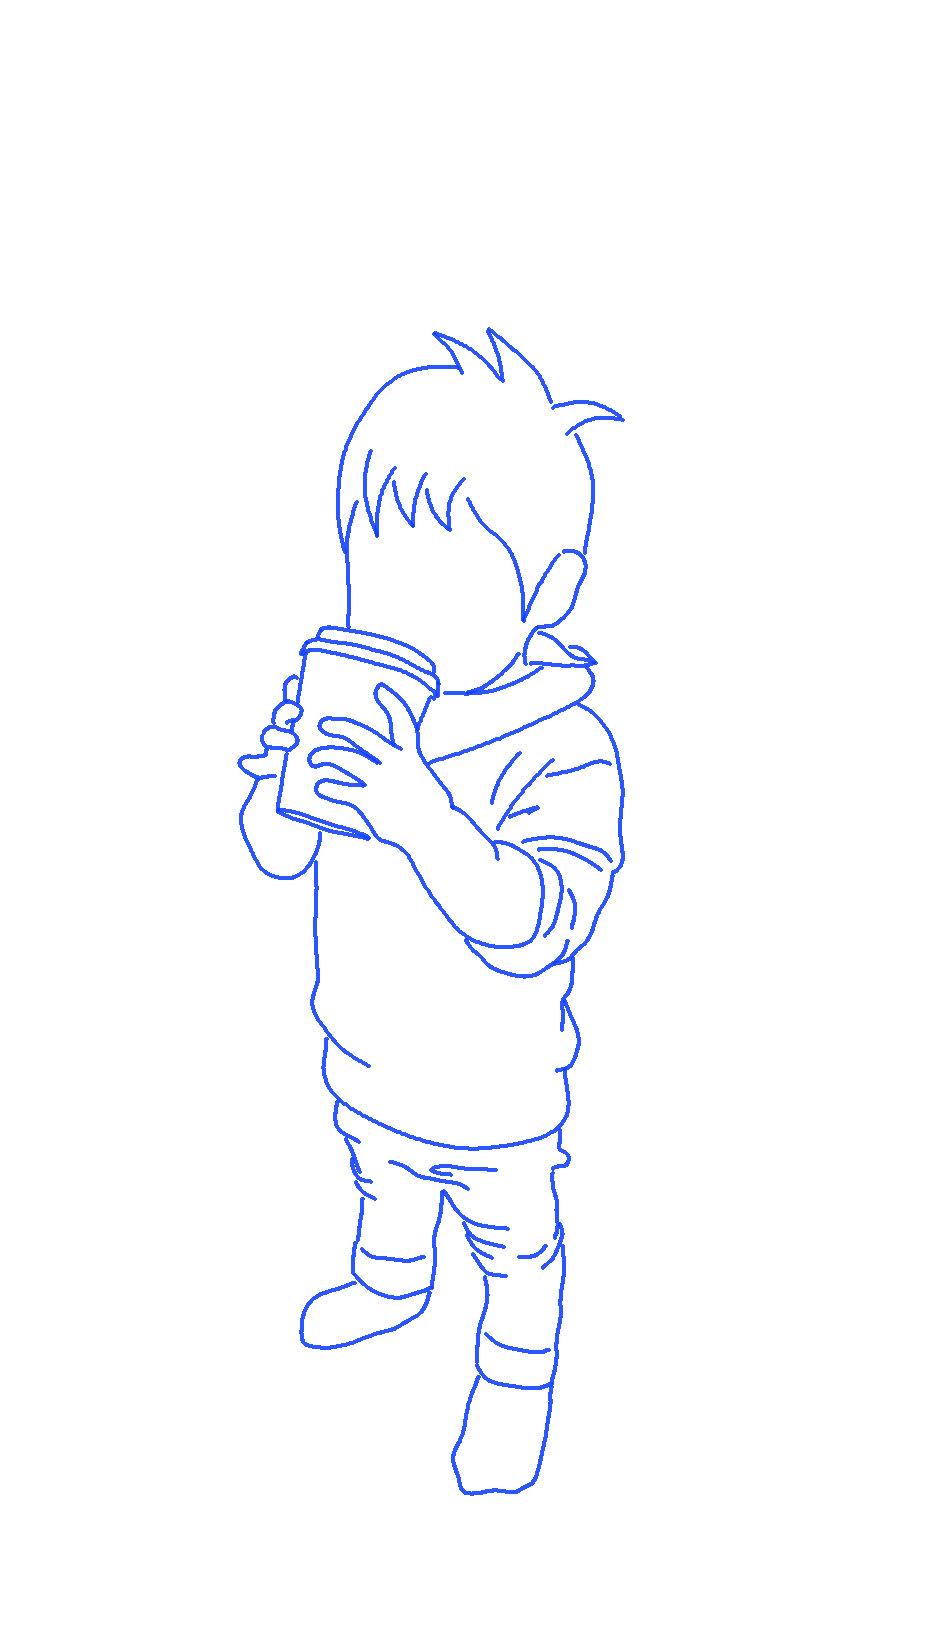 紙コップと子供のシルエットイラスト